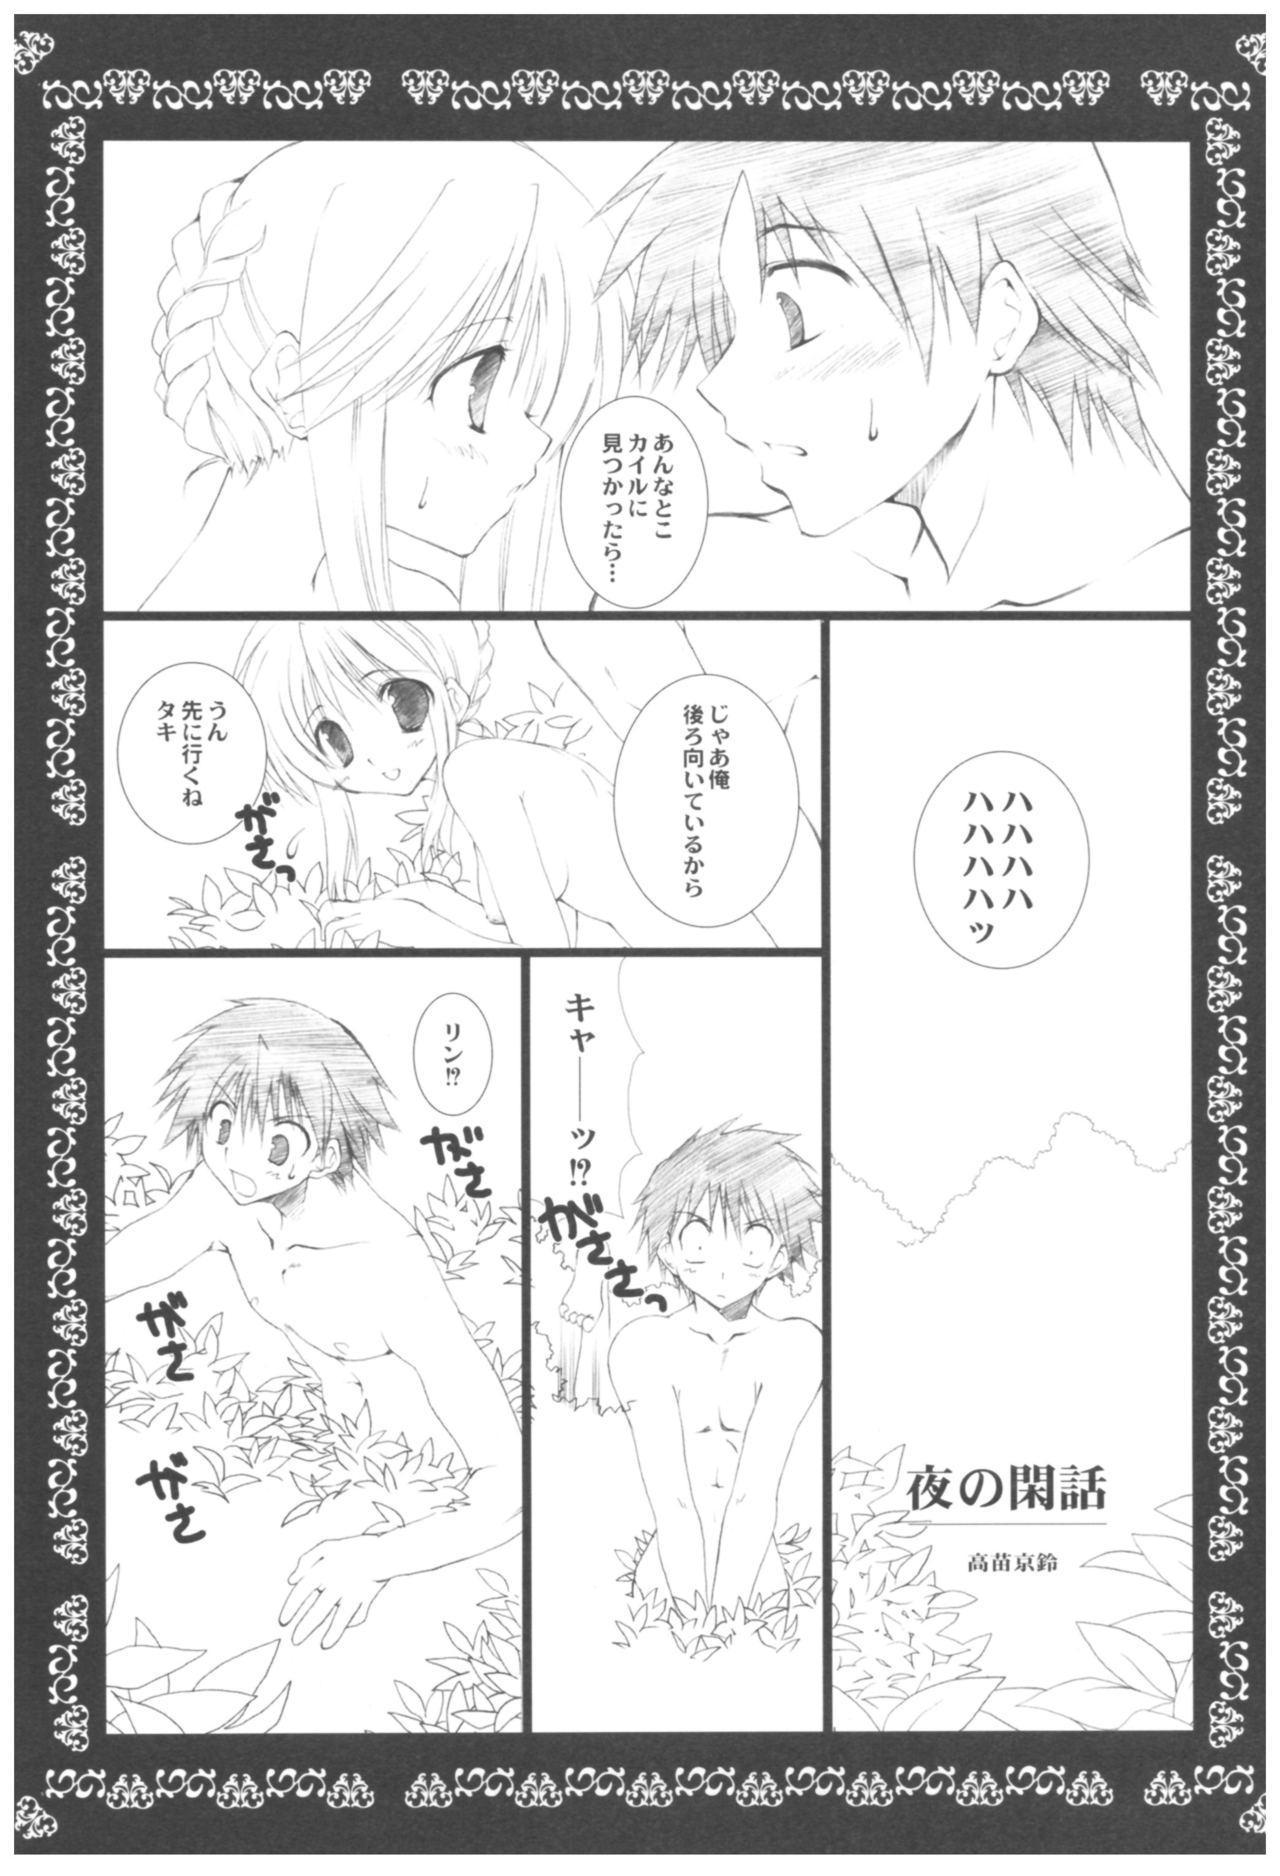 Naedoko Ikusei Kansatsu Kiroku 52